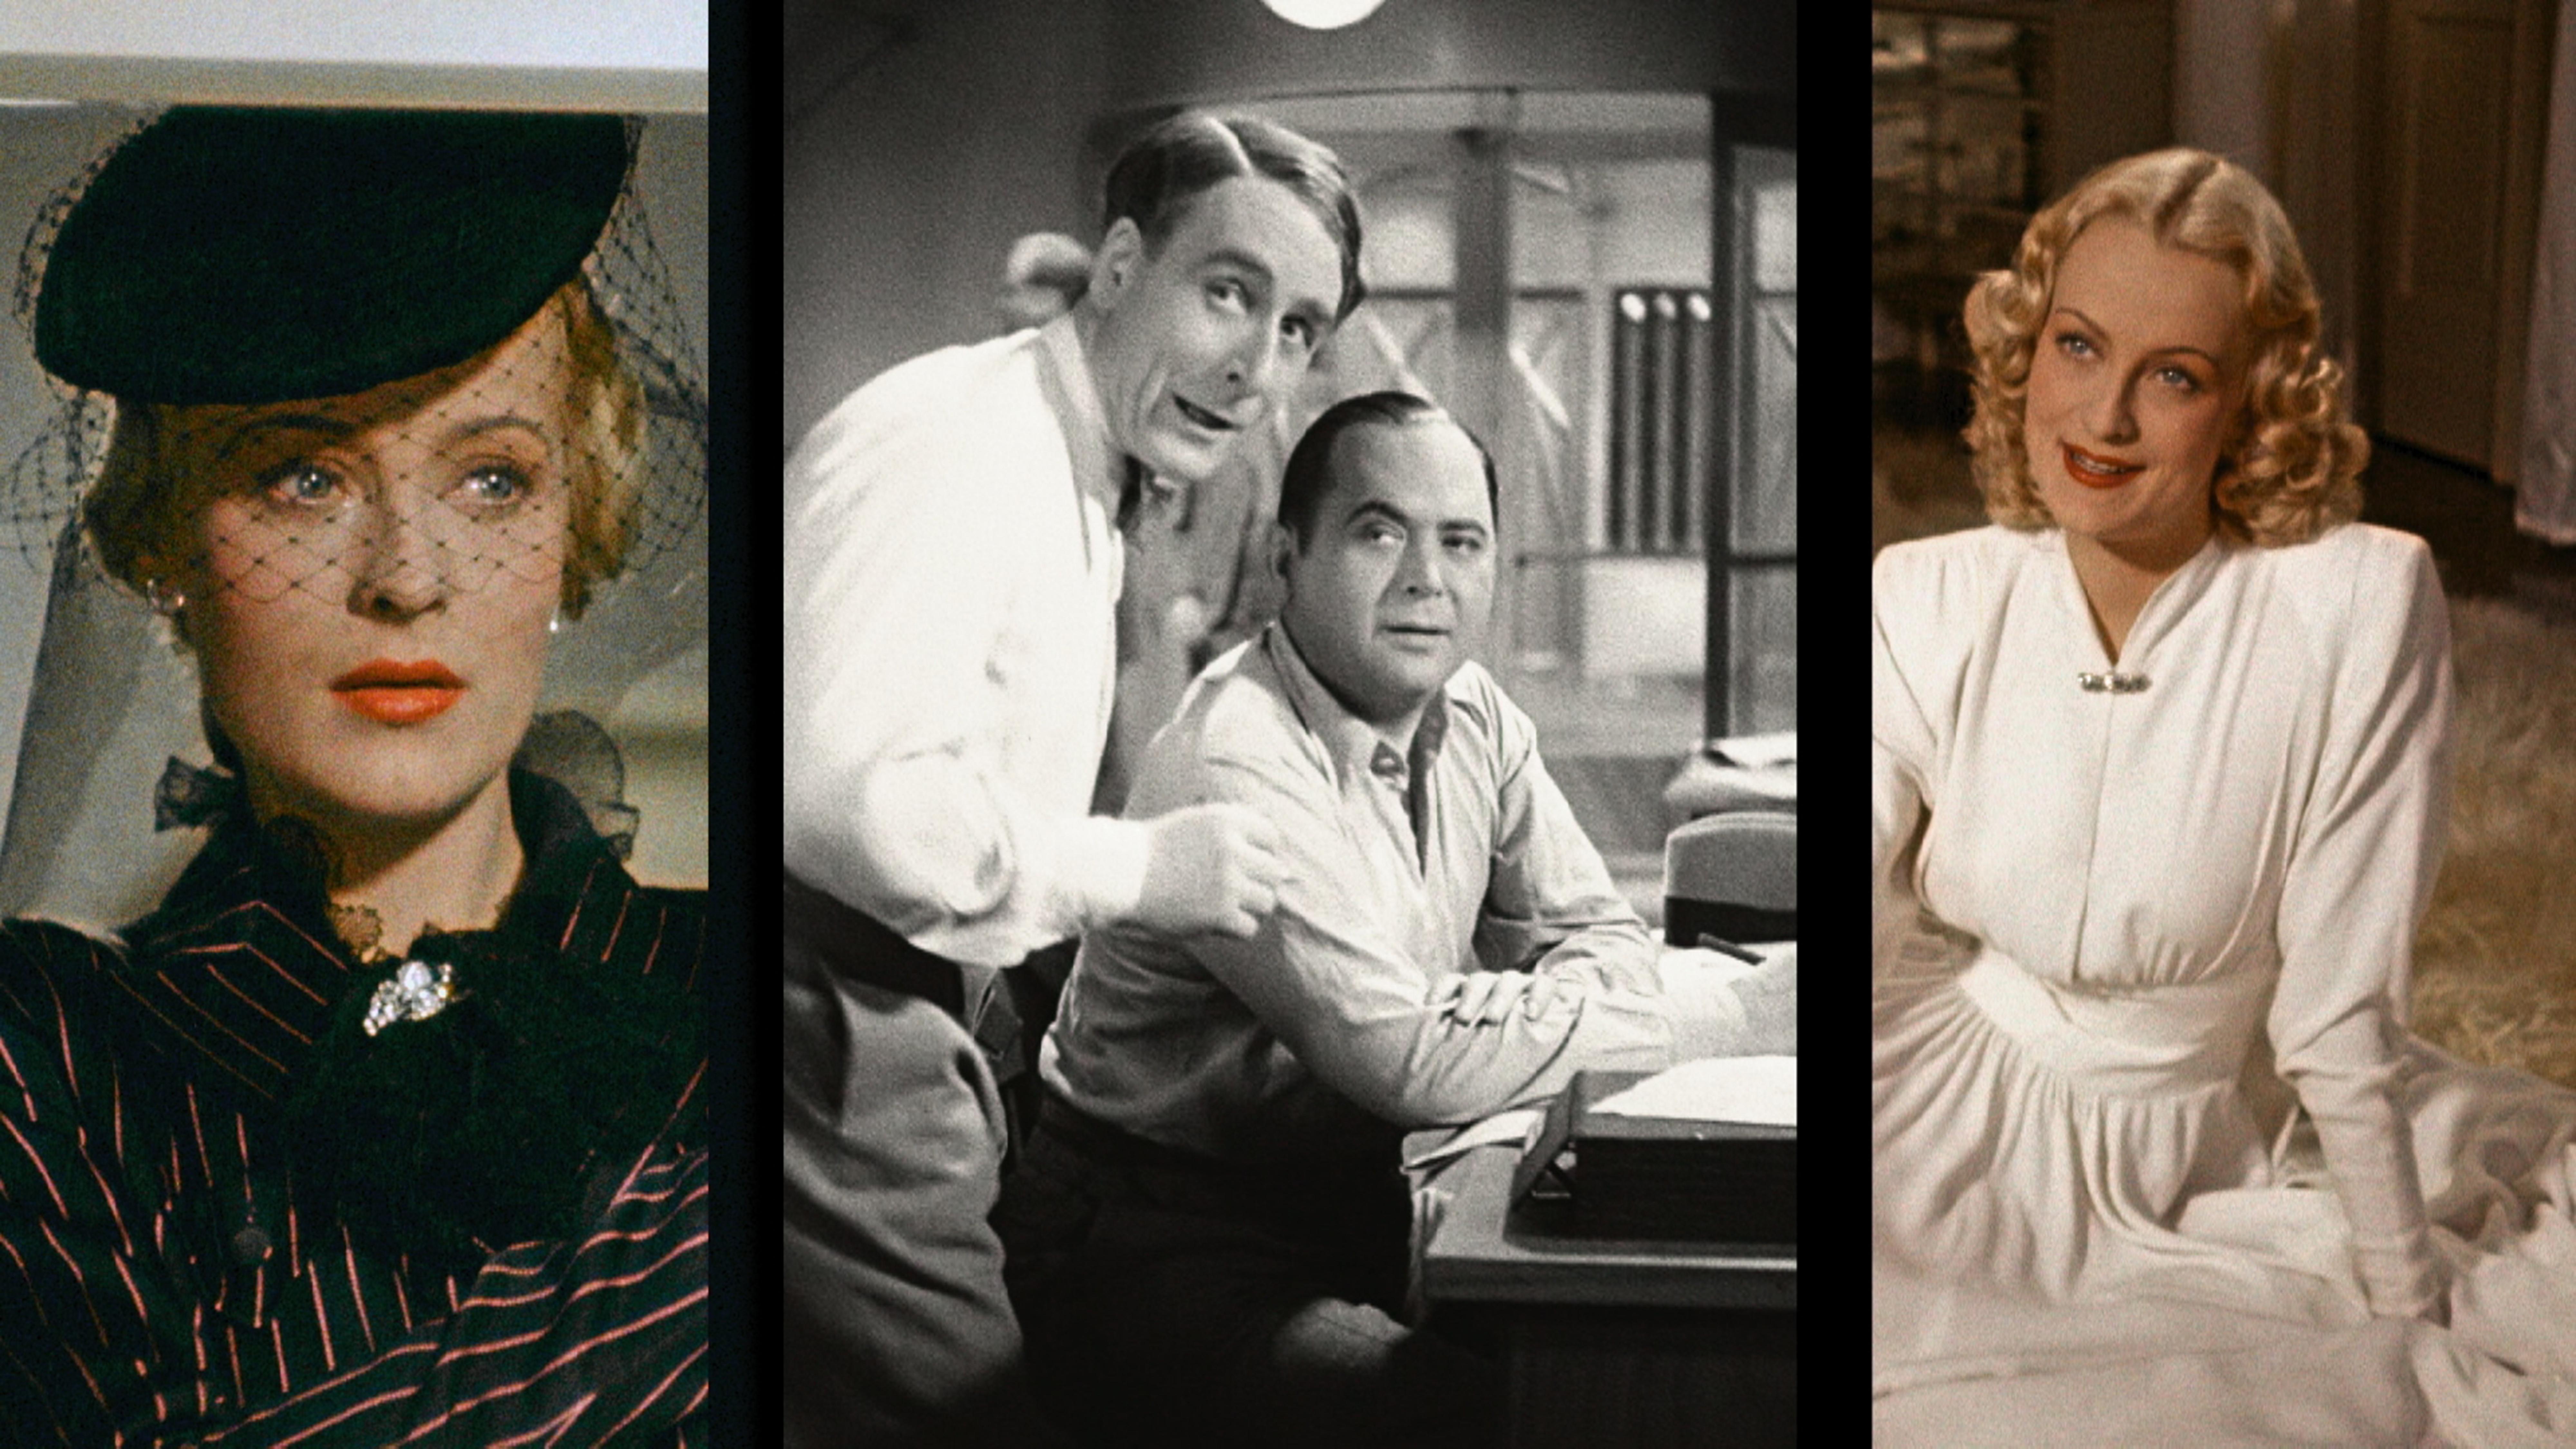 Sie gehörten zu den zahlreichen Stars des deutschen Kinos: Irene von Meyendorff, dazwischen Paul Kemp und Oskar Sima. Bild: farbfilm verleih